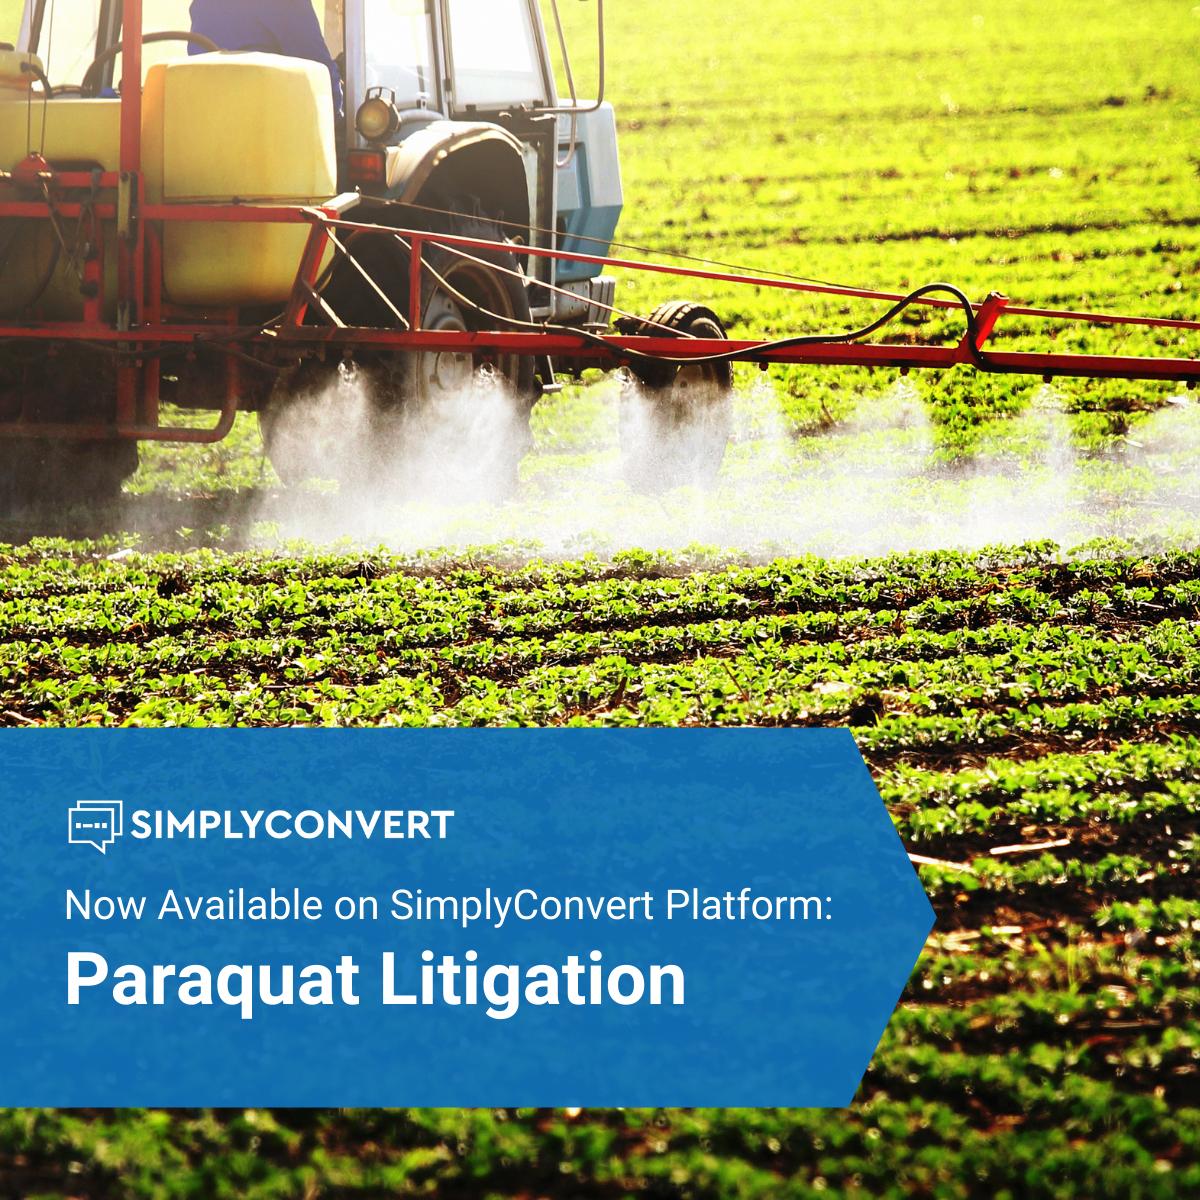 Paraquat Litigation